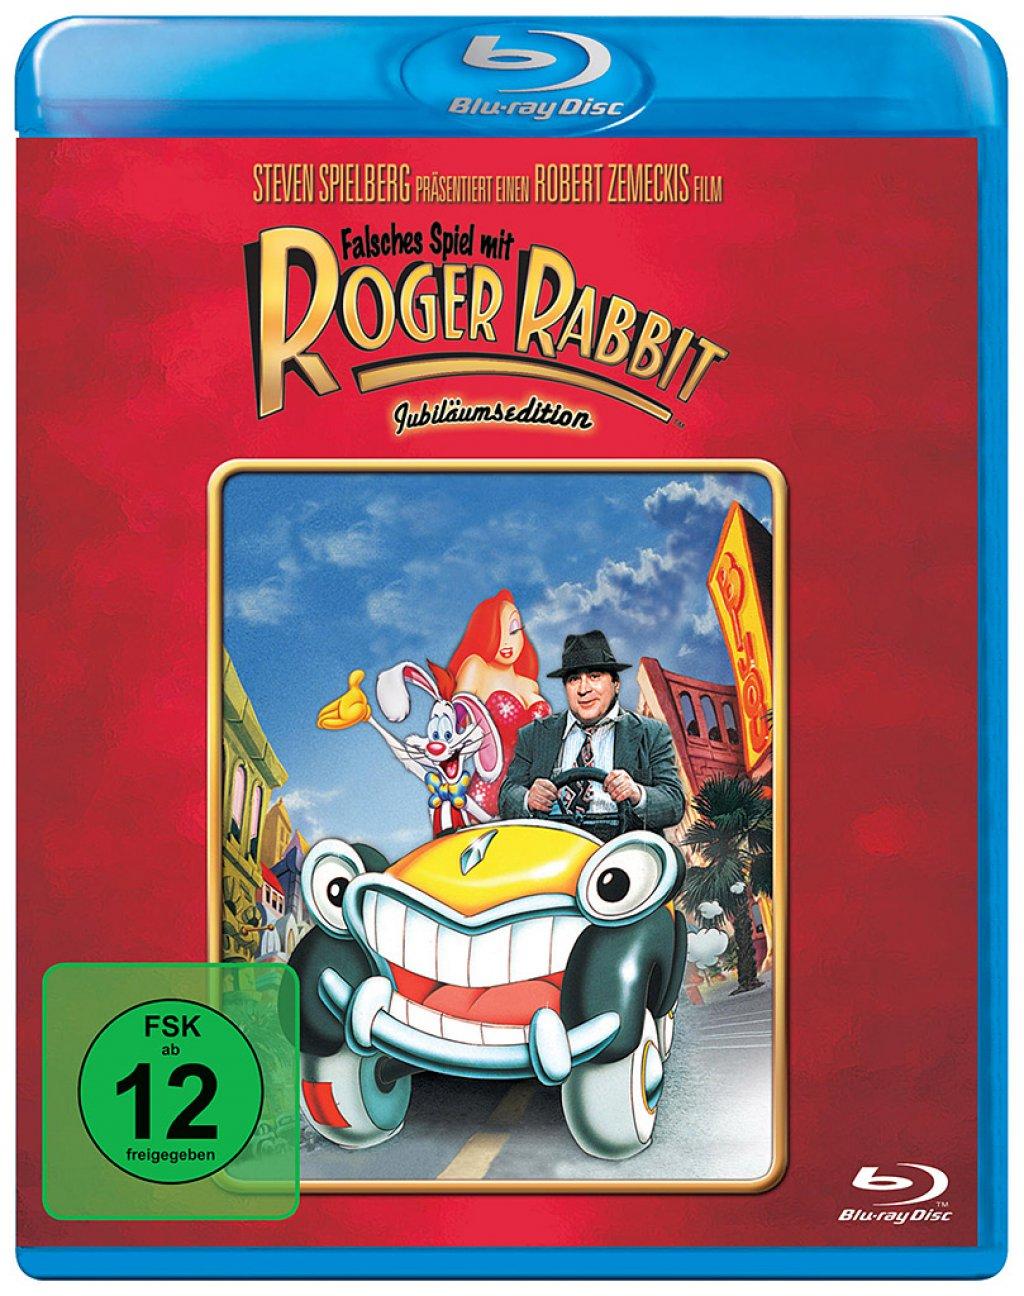 Falsches Spiel mit Roger Rabbit - Jubiläumsedition (Blu-ray) für 6,81€ (Amazon Prime)